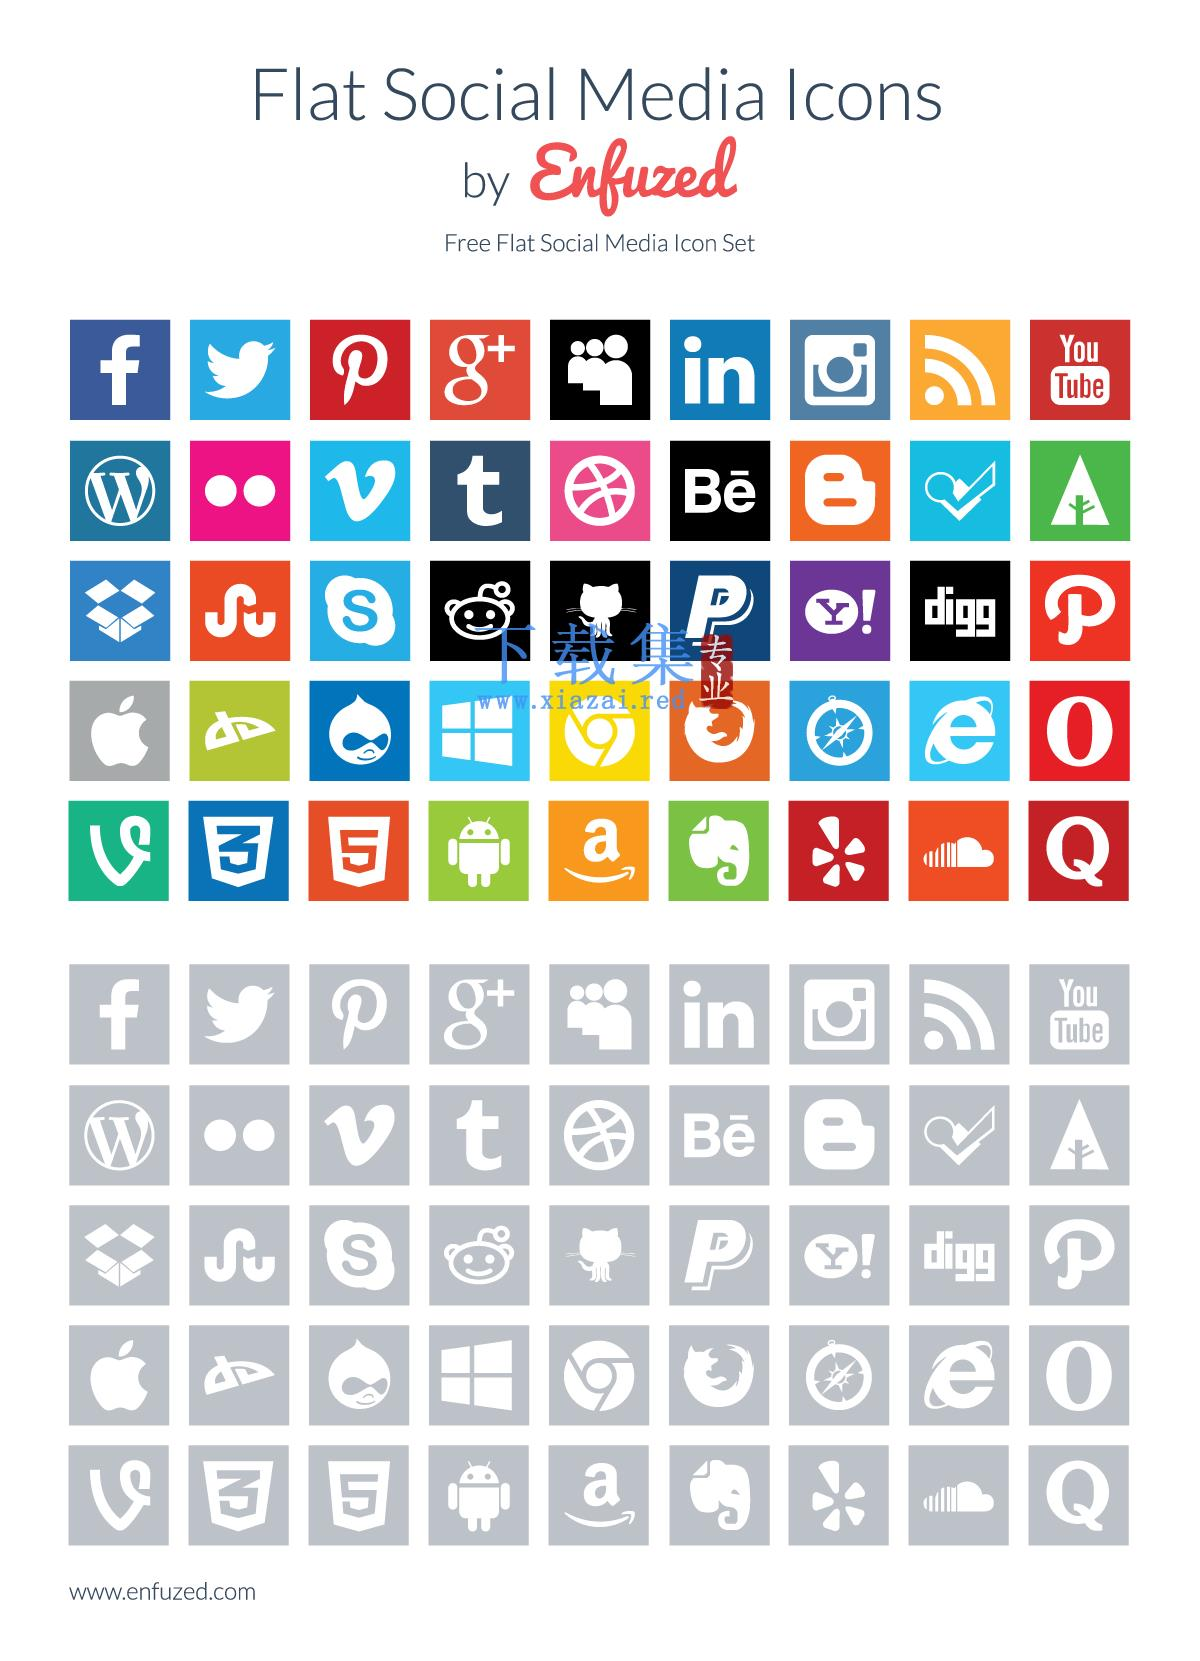 平面网络社交媒体矢量图标